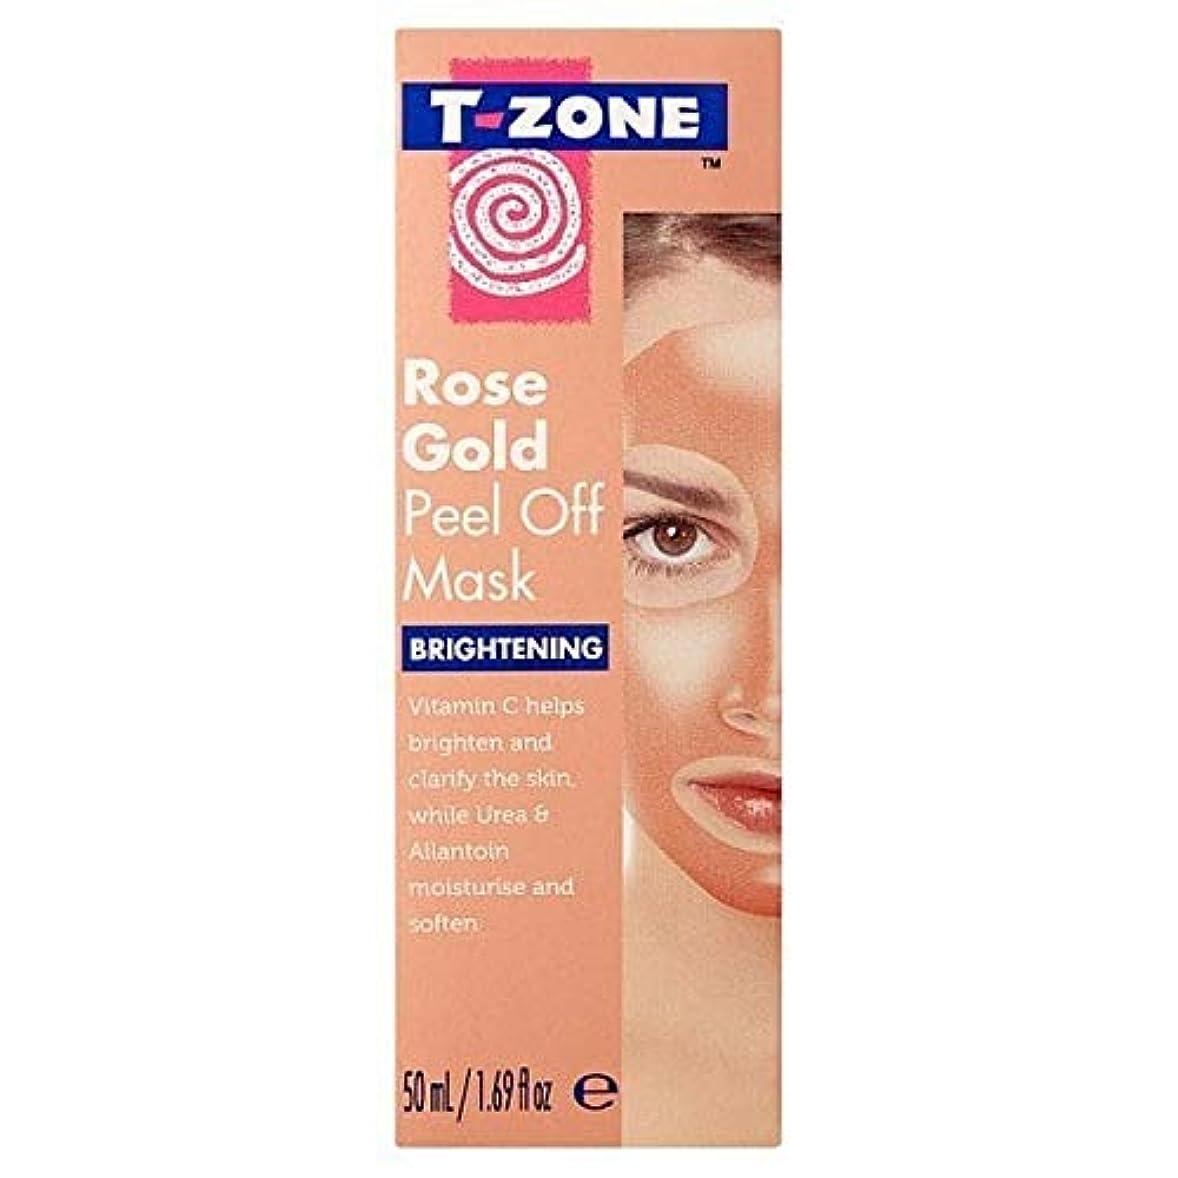 飛行機ラオス人クラウン[T-Zone] Tゾーンは、金マスク50ミリリットルを明るくはがしバラ - T-Zone Rose Gold Peel Off Brightening Mask 50ml [並行輸入品]